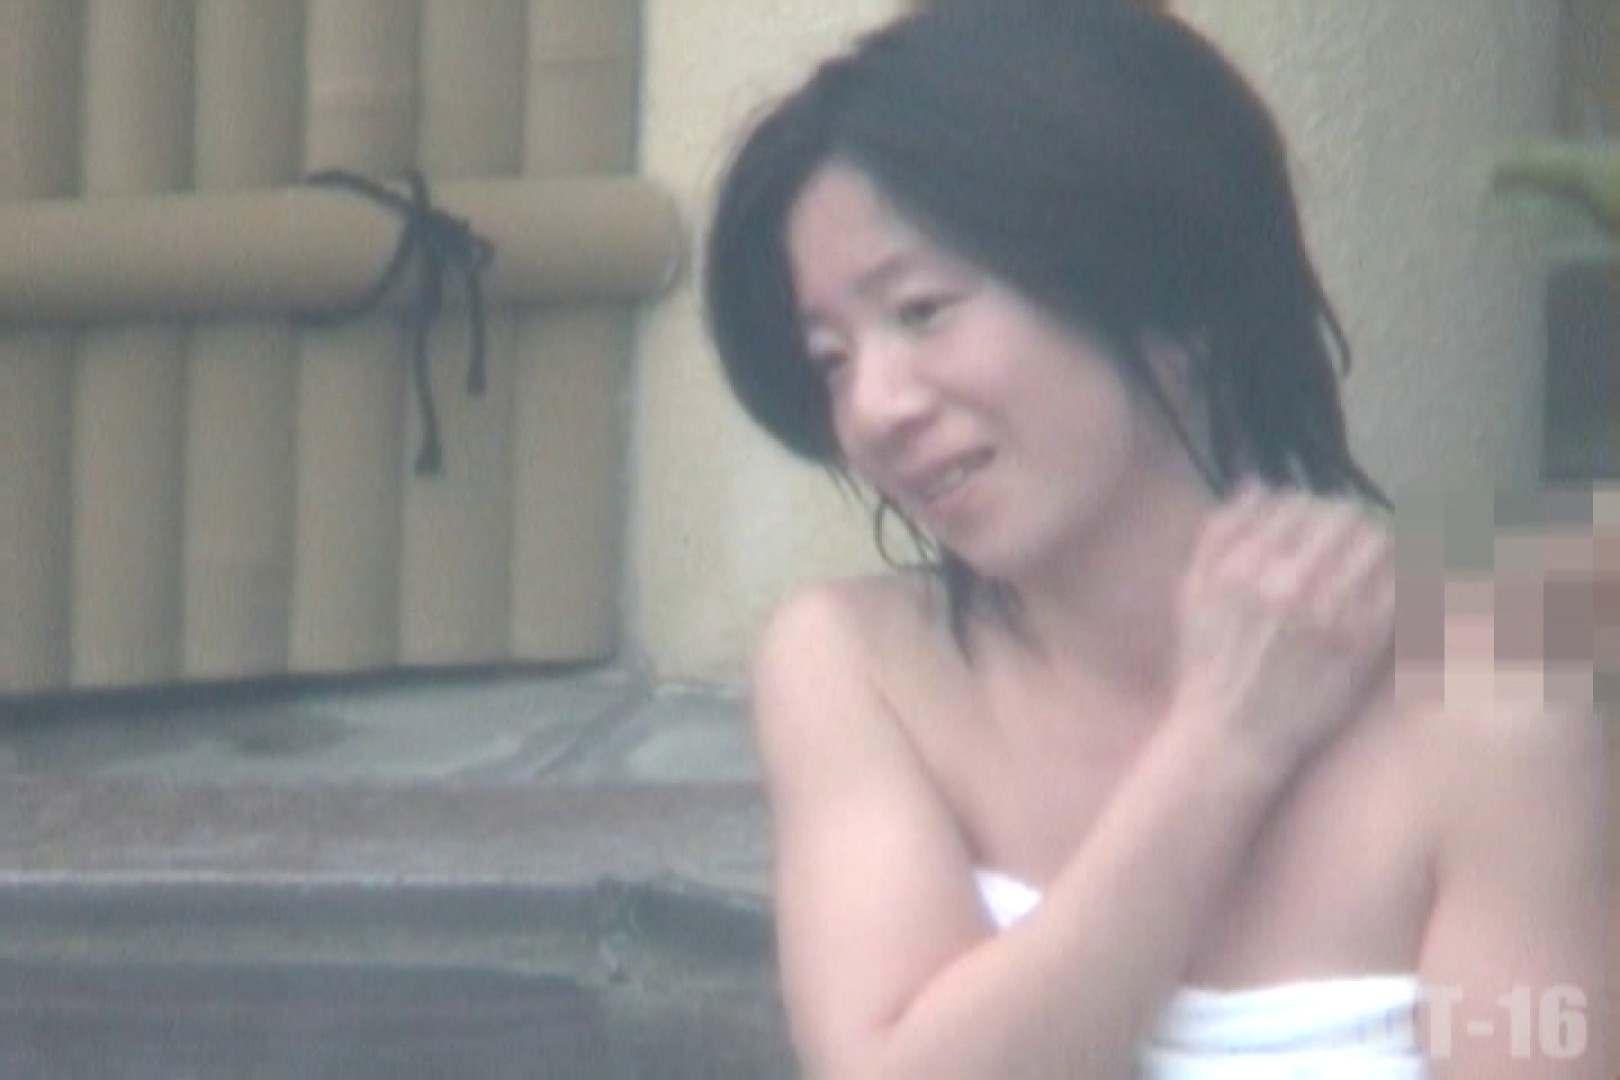 Aquaな露天風呂Vol.841 美しいOLの裸体  77pic 12